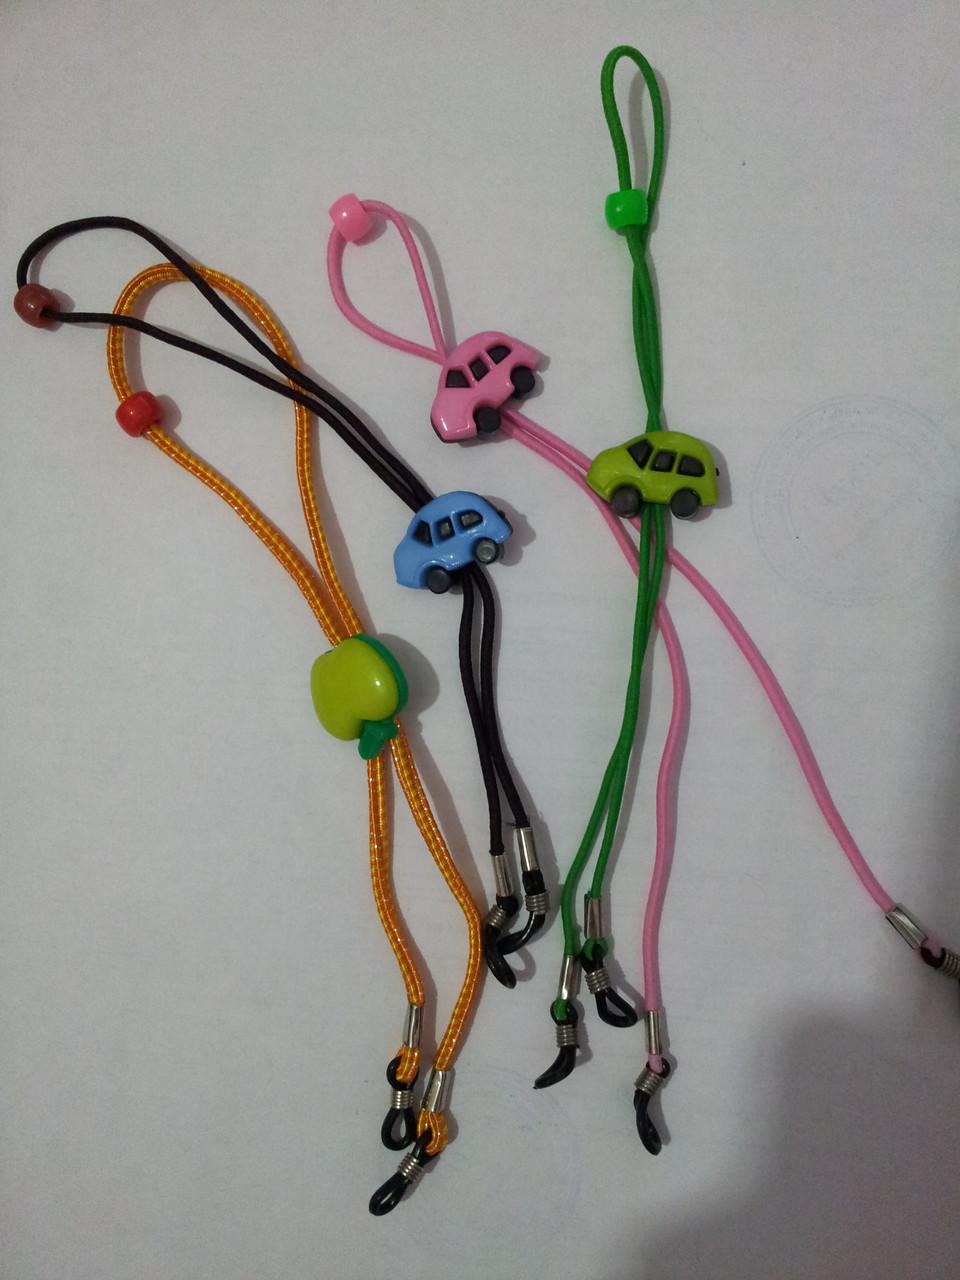 Шнурок для очков детский с ограничителем по голове - фото 2